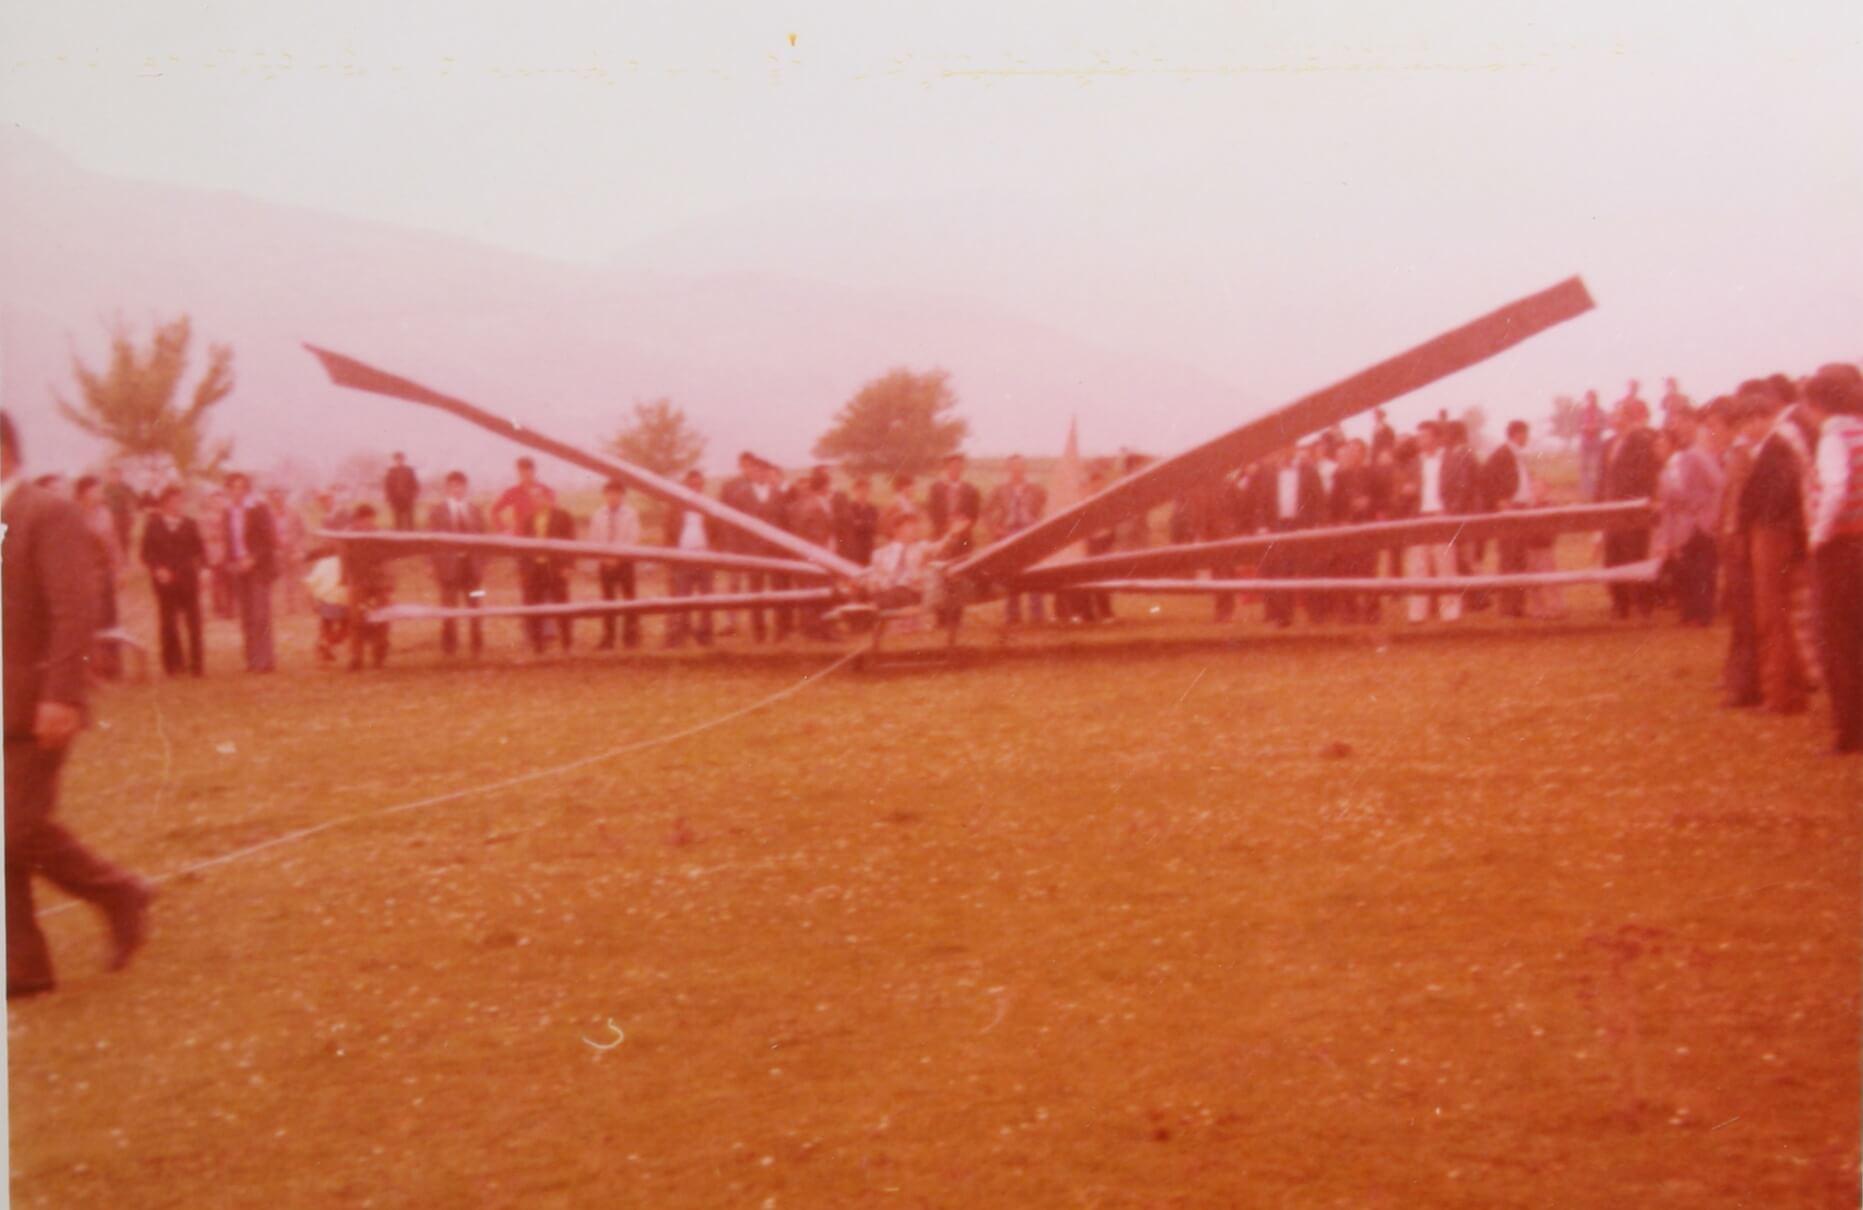 Ο πρώτος ανεμοπτεριστής Κων/νος Κατσόγιαννος σε δοκιμαστική απογείωση στο Ριζάκι Γελάνθης 15-4-1974